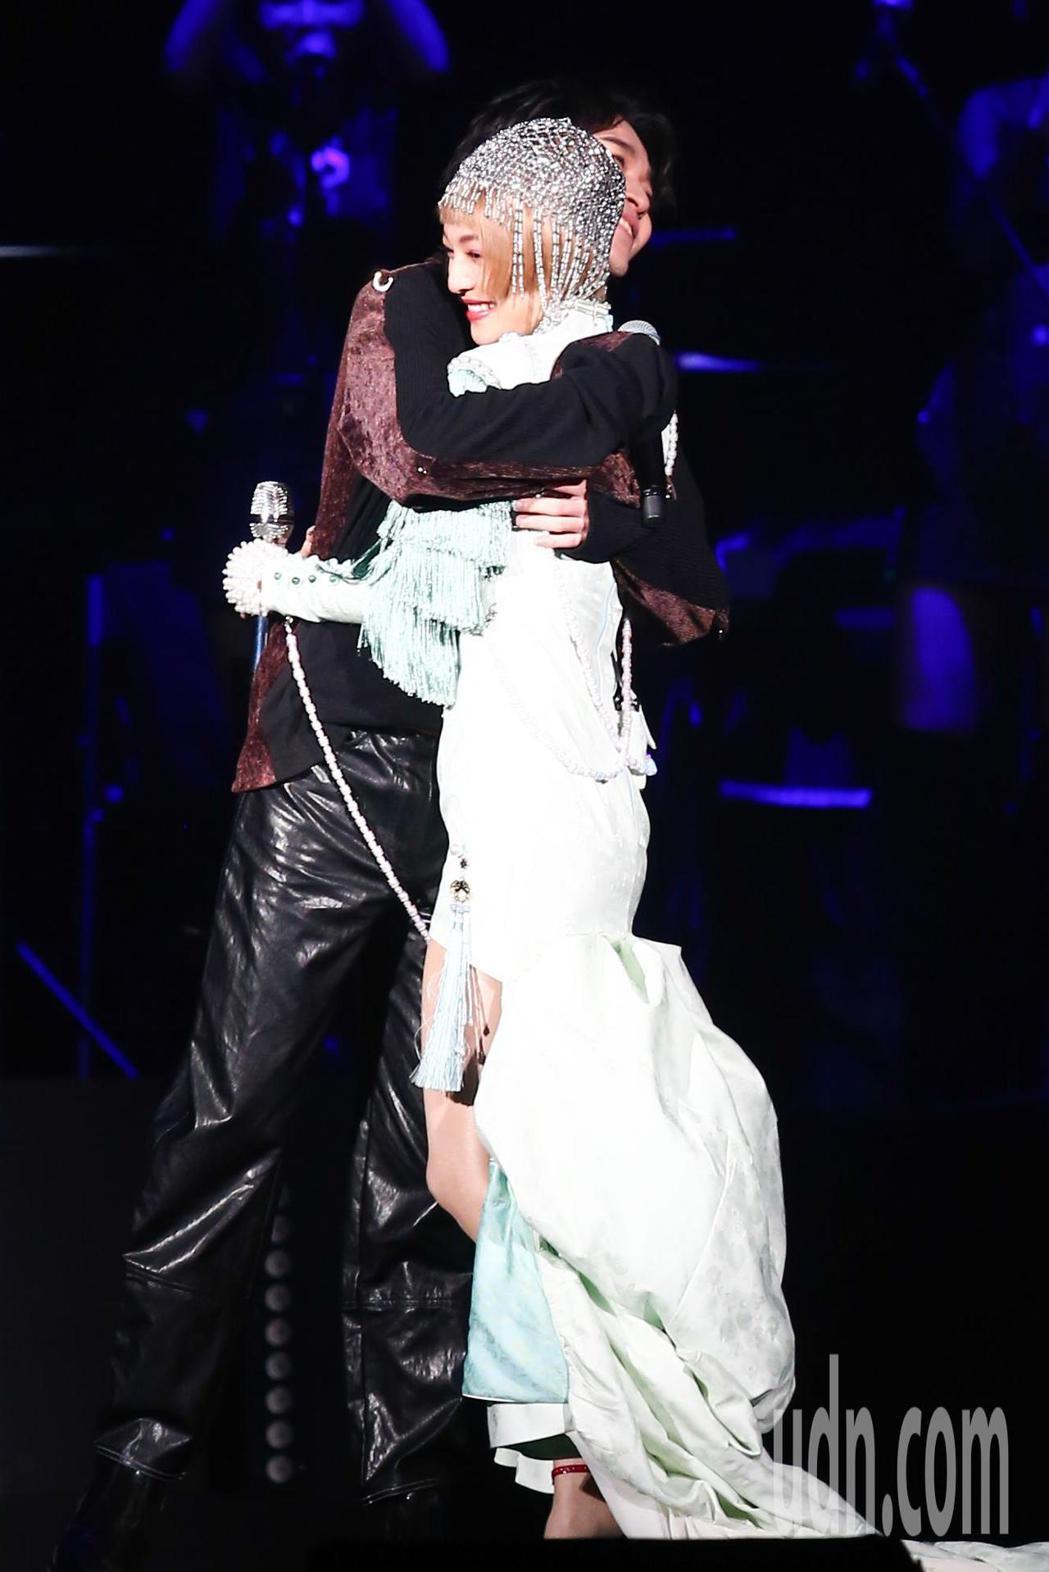 張韶涵(右)今天在台北小巨蛋舉辦「旅程」世界巡迴演唱會第一場,青峰(左)出席當特...